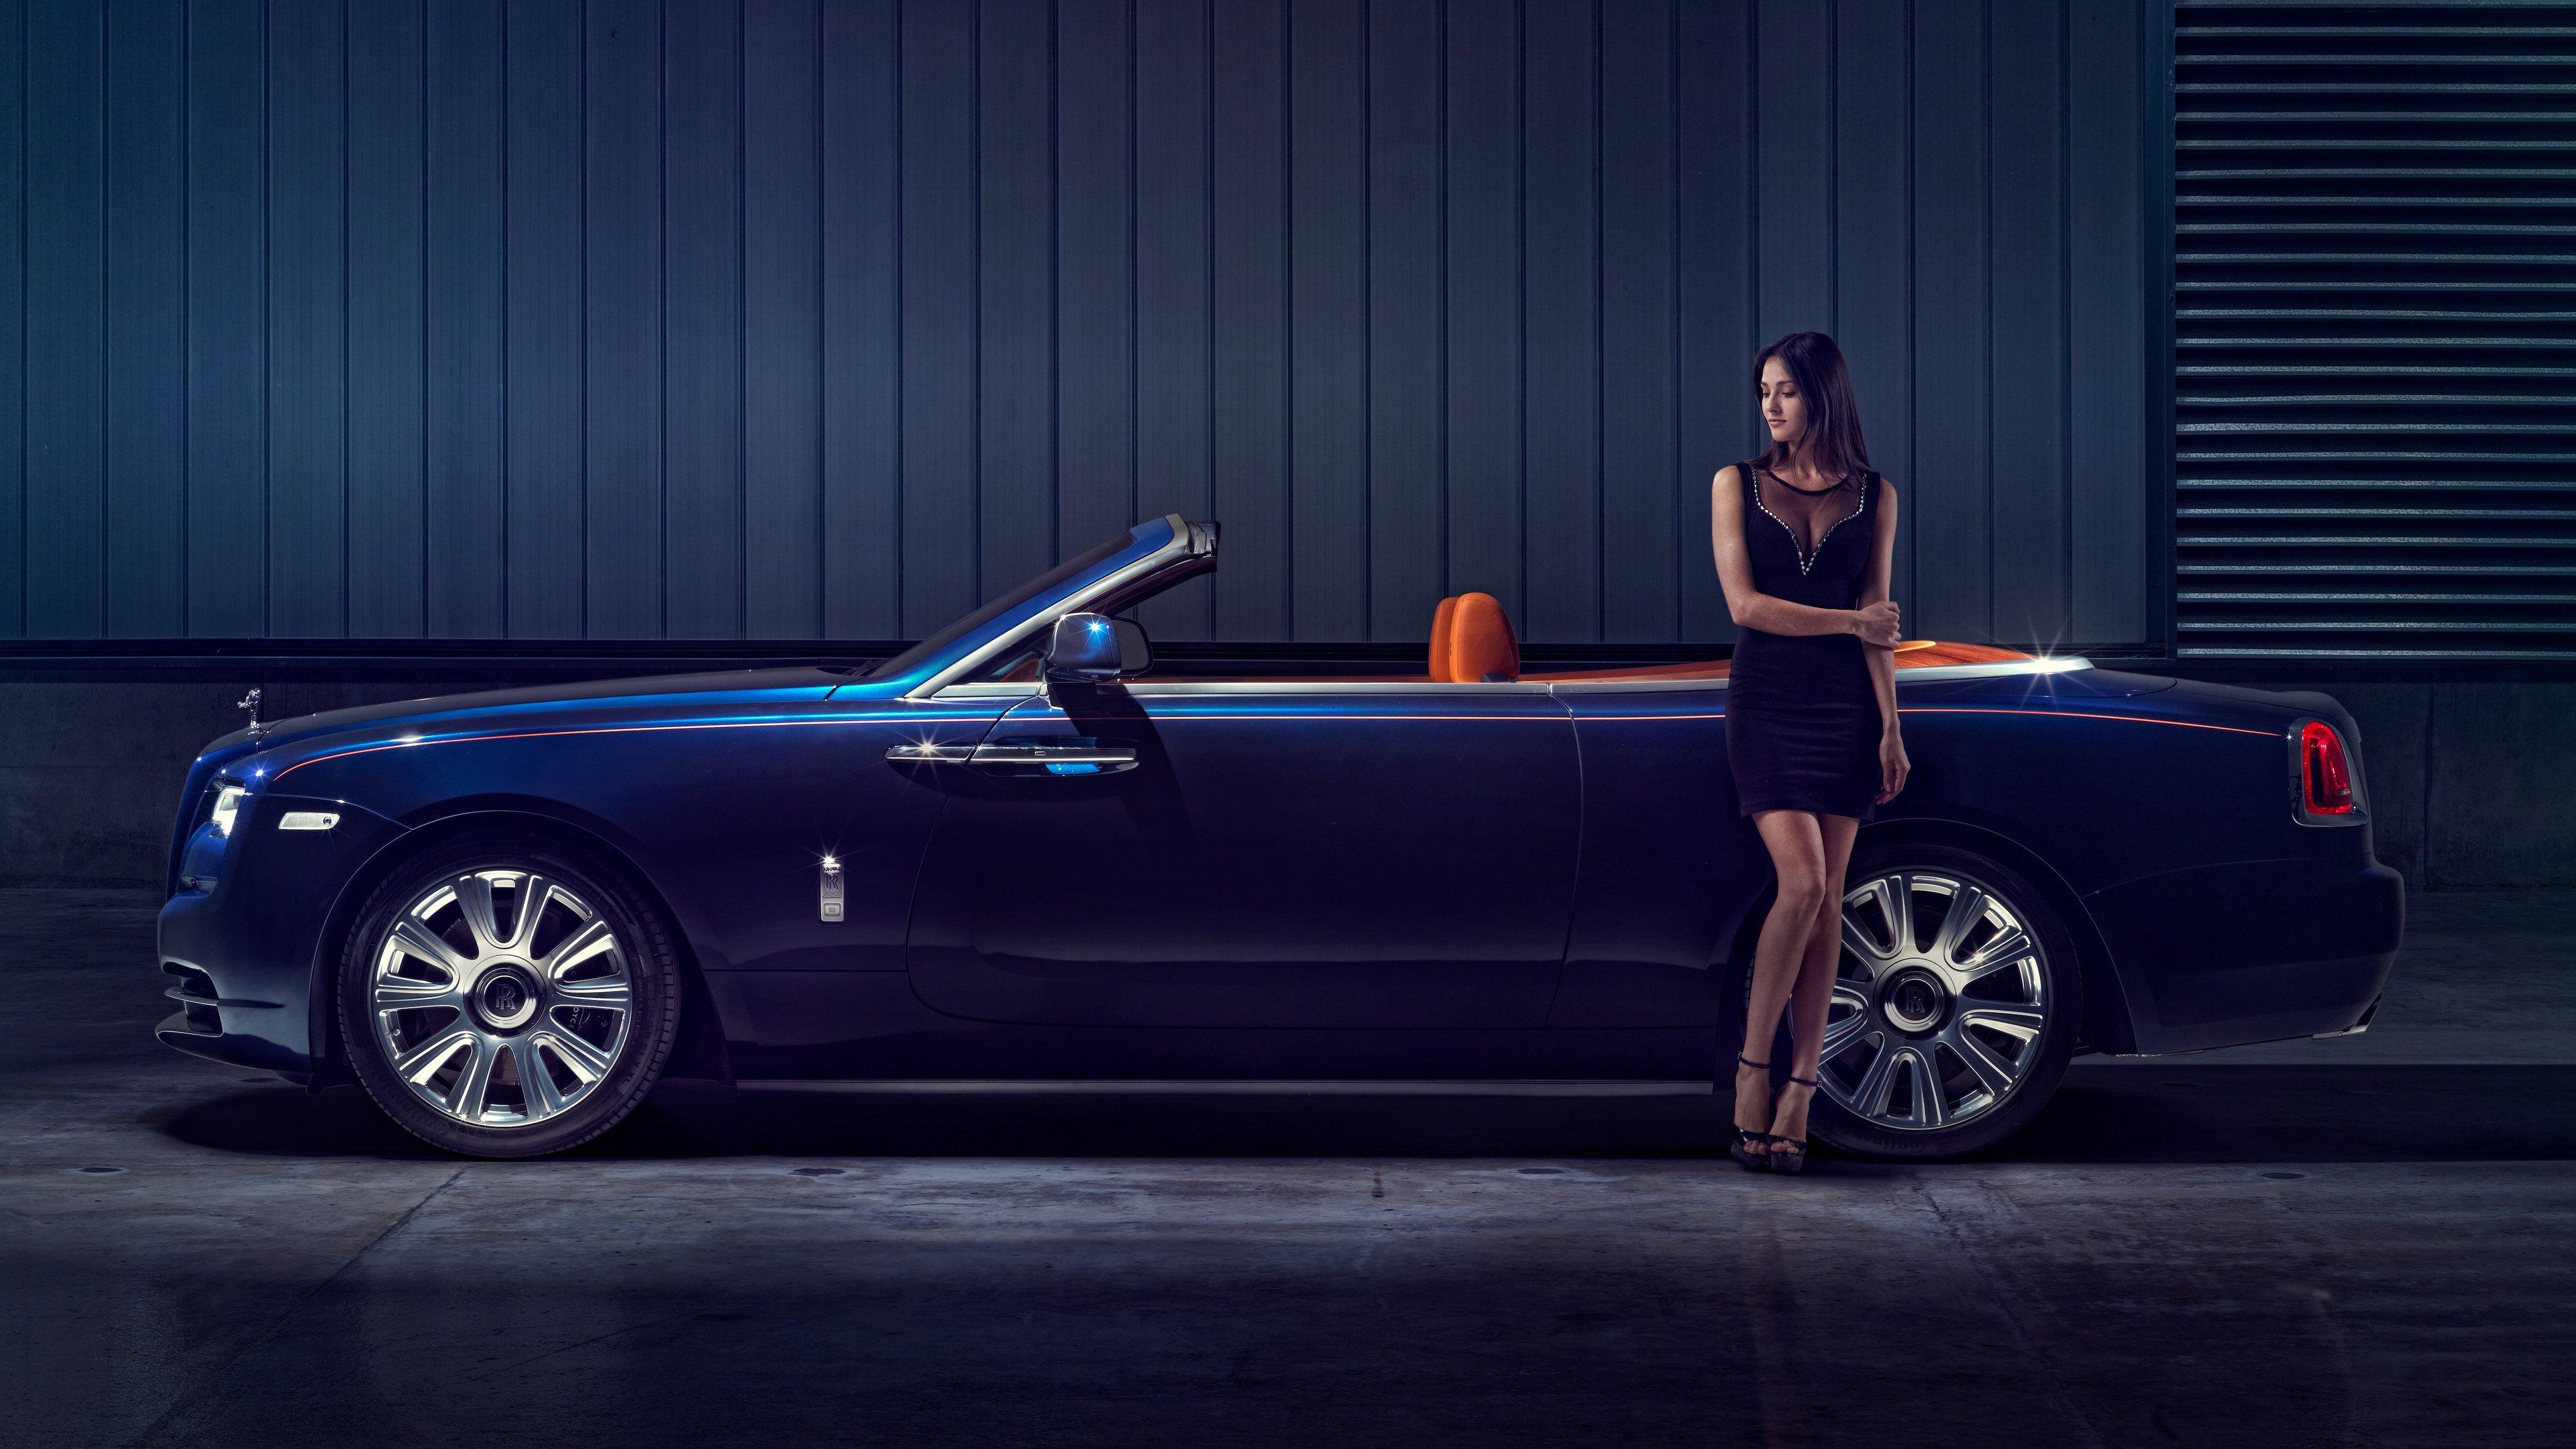 rolls royce dawn model posing 1539112004 - Rolls Royce Dawn Model Posing - rolls royce wallpapers, rolls royce dawn wallpapers, hd-wallpapers, cars wallpapers, 5k wallpapers, 4k-wallpapers, 2018 cars wallpapers